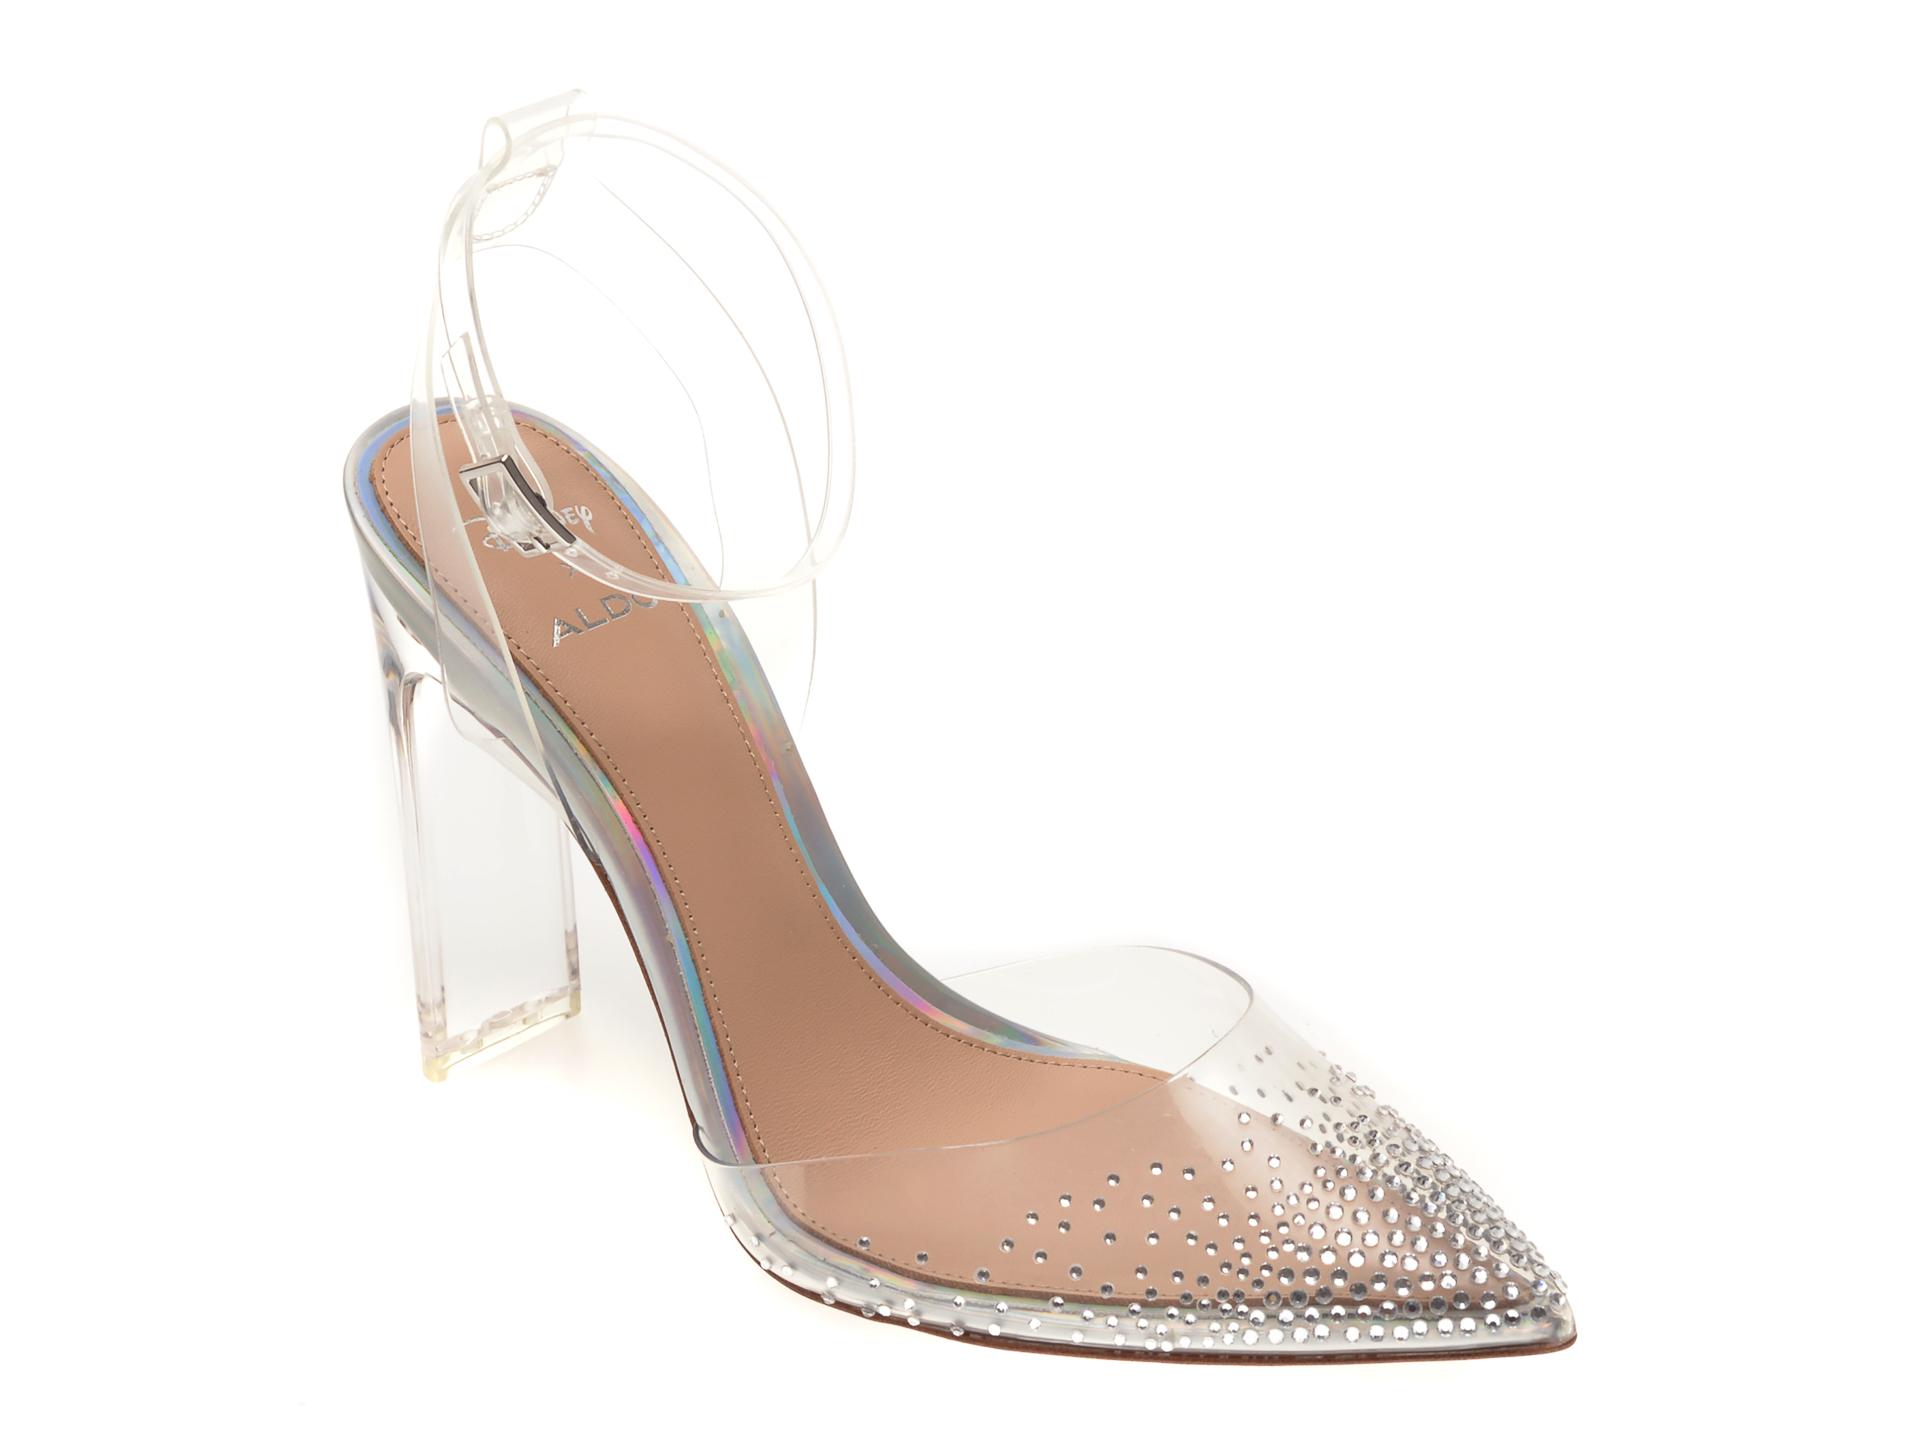 Pantofi ALDO, Glassslipper103, din PVC imagine otter.ro 2021